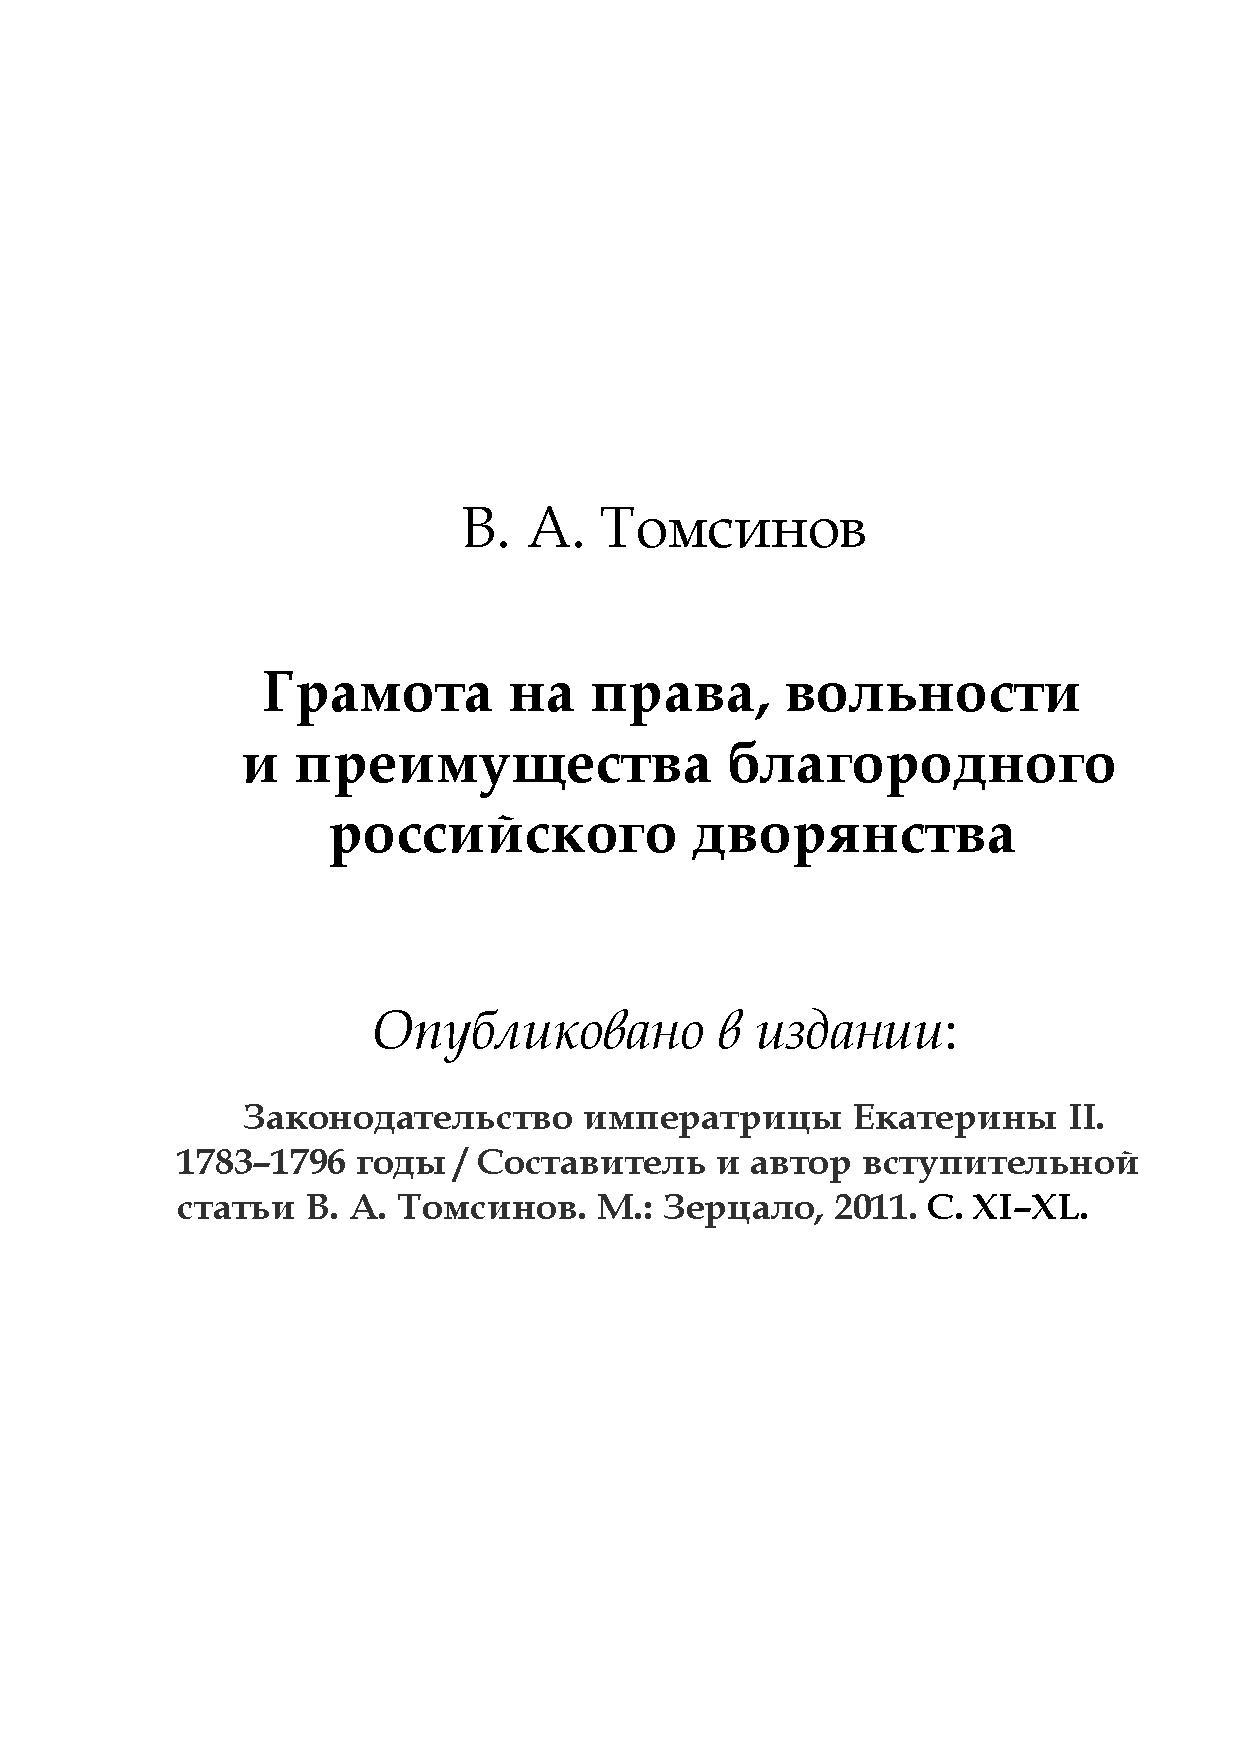 Томсинов В.А. Грамота на права, вольности и преимущества дворянства